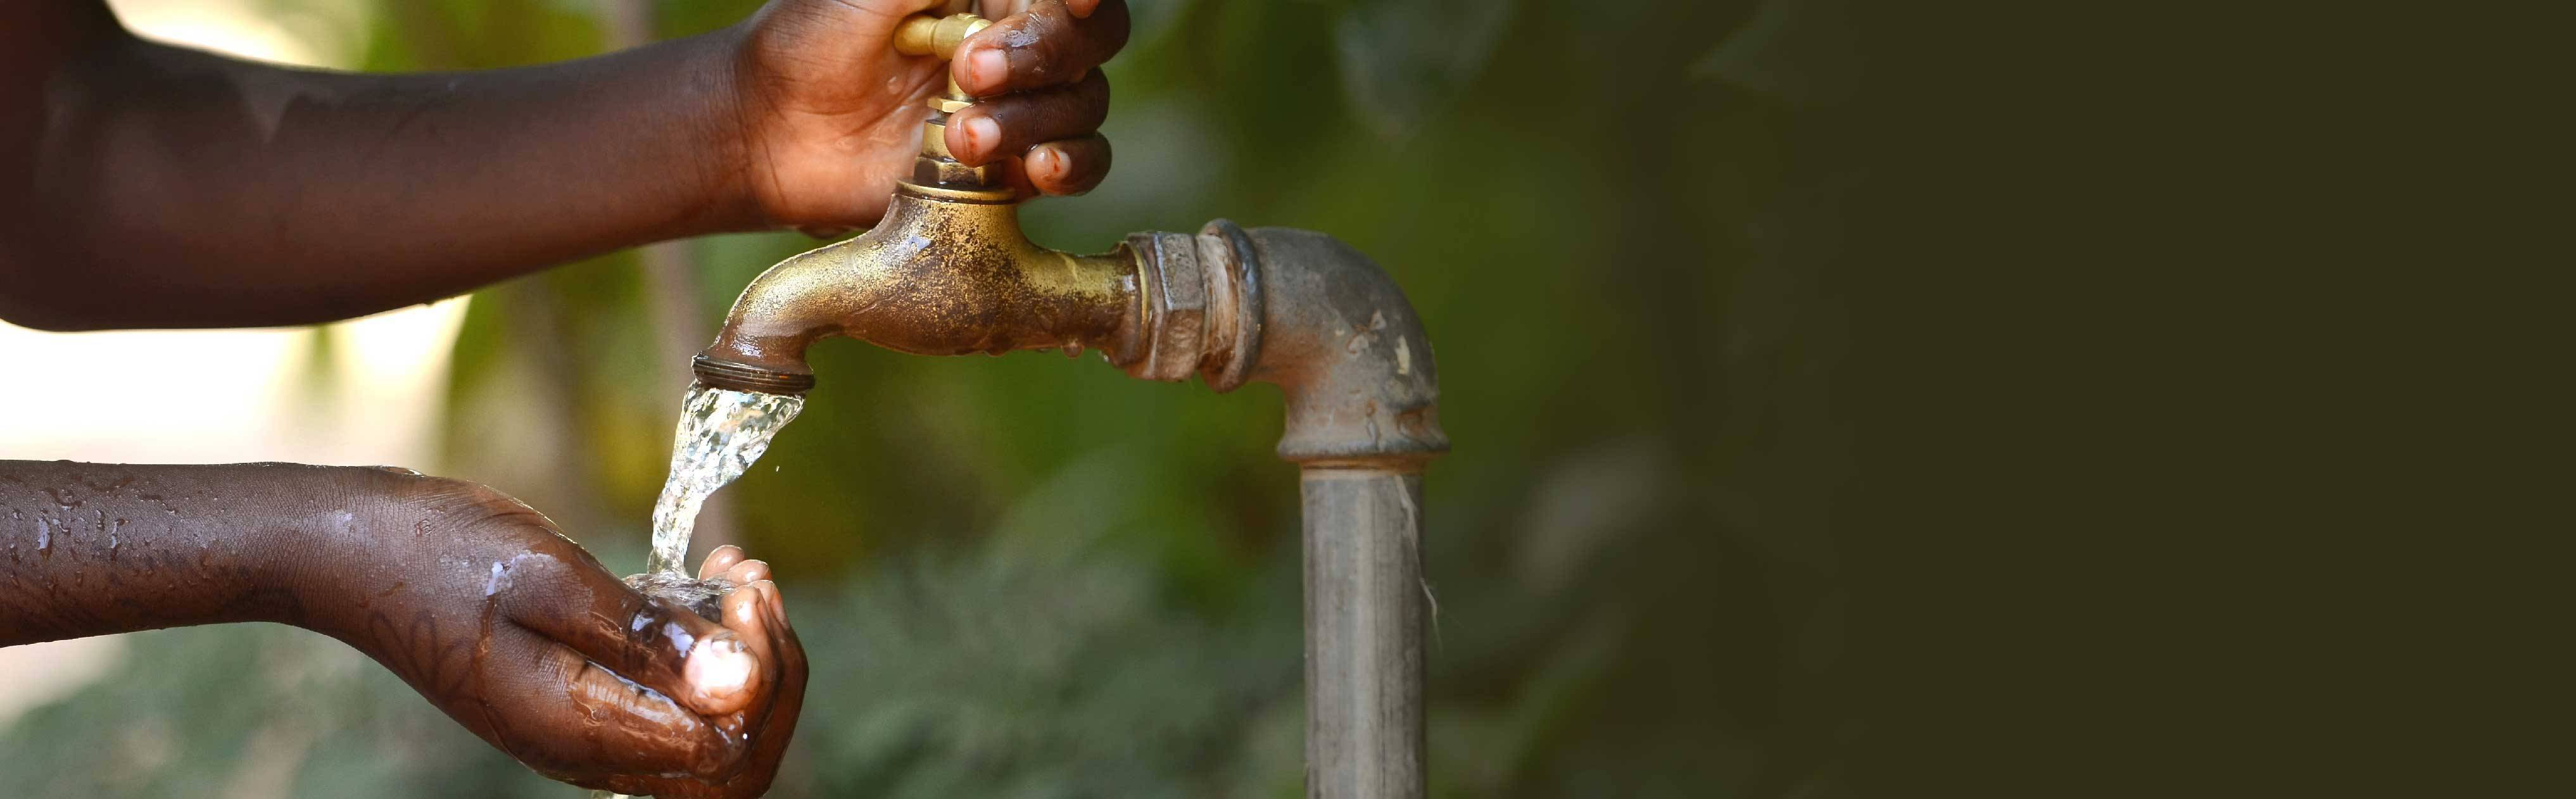 oolaboo produkt se rovná 1 litru čisté pitné vody.